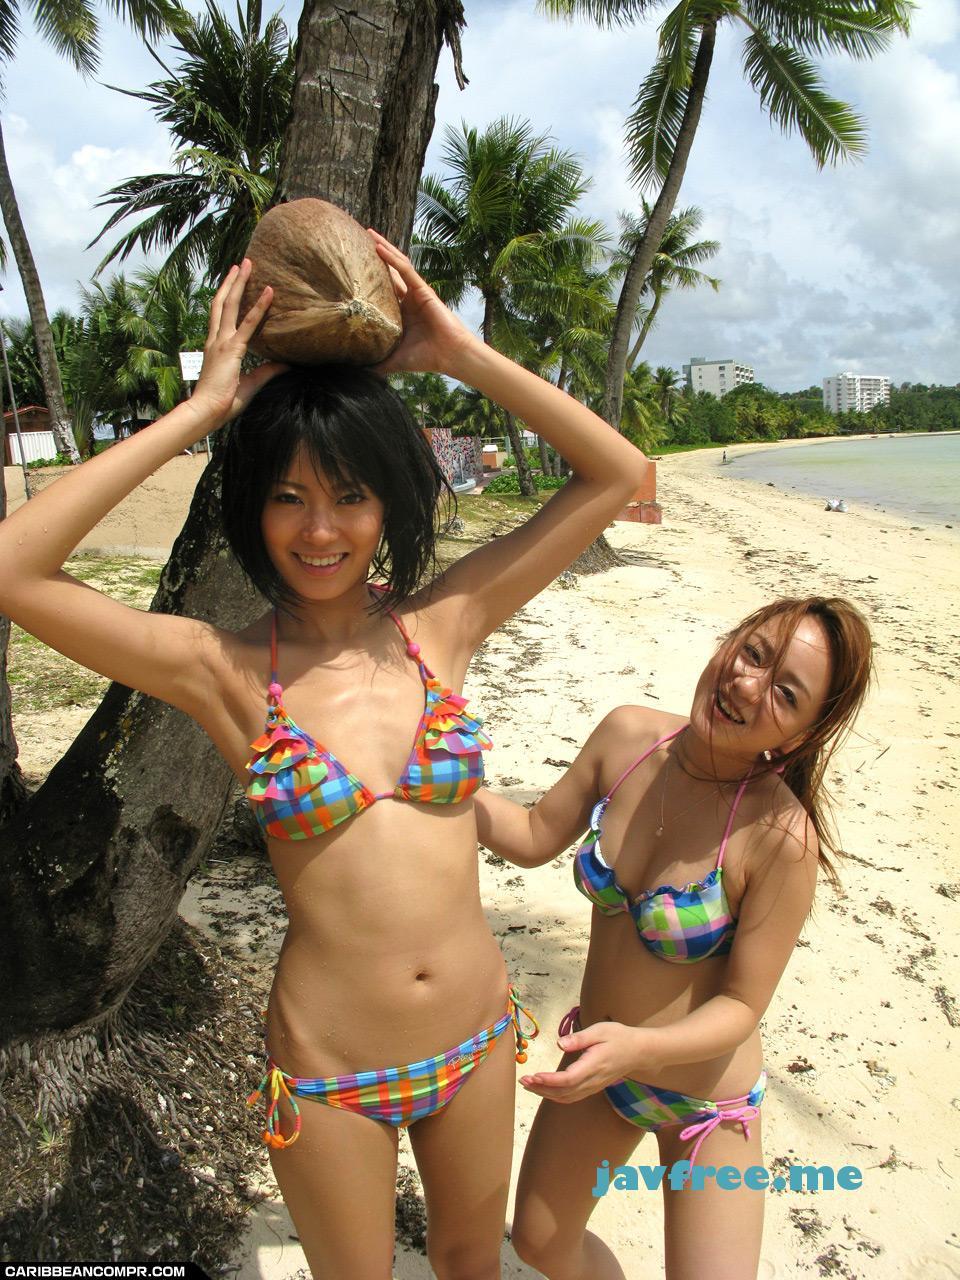 カリビアンコム プレミアム 122911_229 琥珀うた,夏川るい 南の島で極秘ハメハメハ・後編 - image caribppr-122911_229c on https://javfree.me